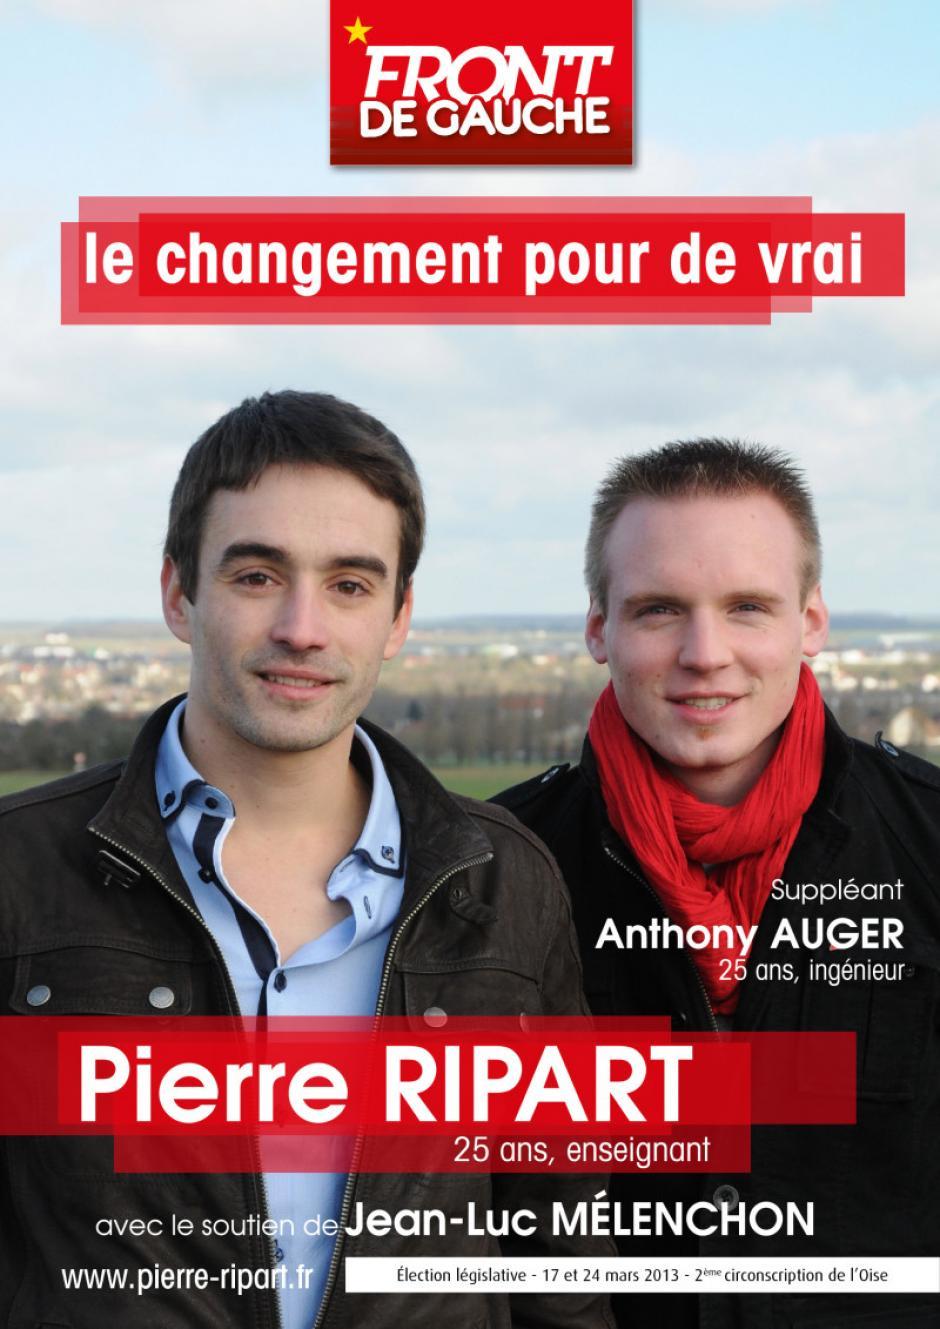 Affiche de campagne du Front de gauche - 2e circonscription, 15 février 2013